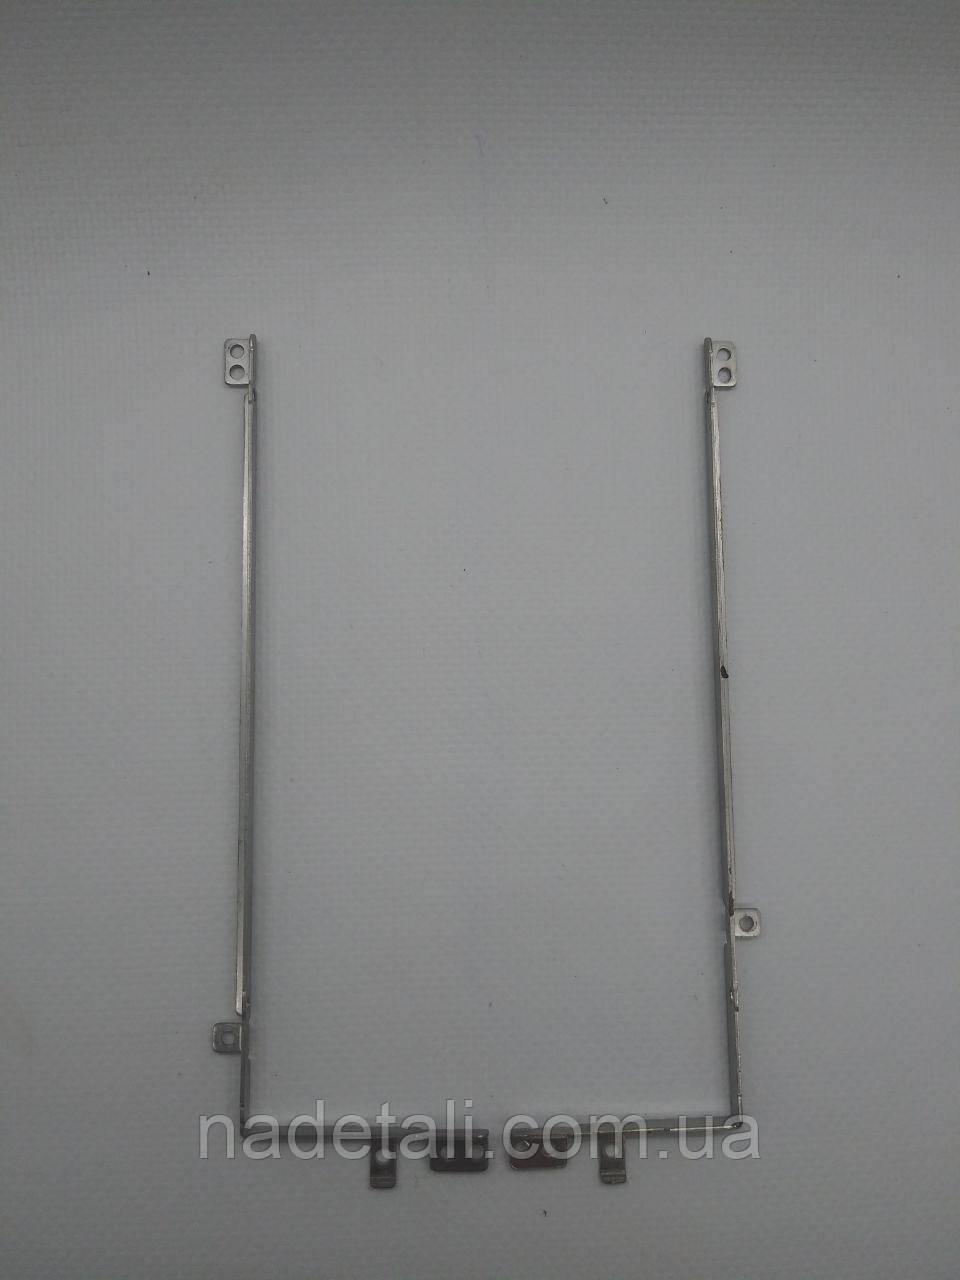 Стойки Asus Eee PC 1015PN 13GOA2910M080-10 13GOA2910M09X-3X